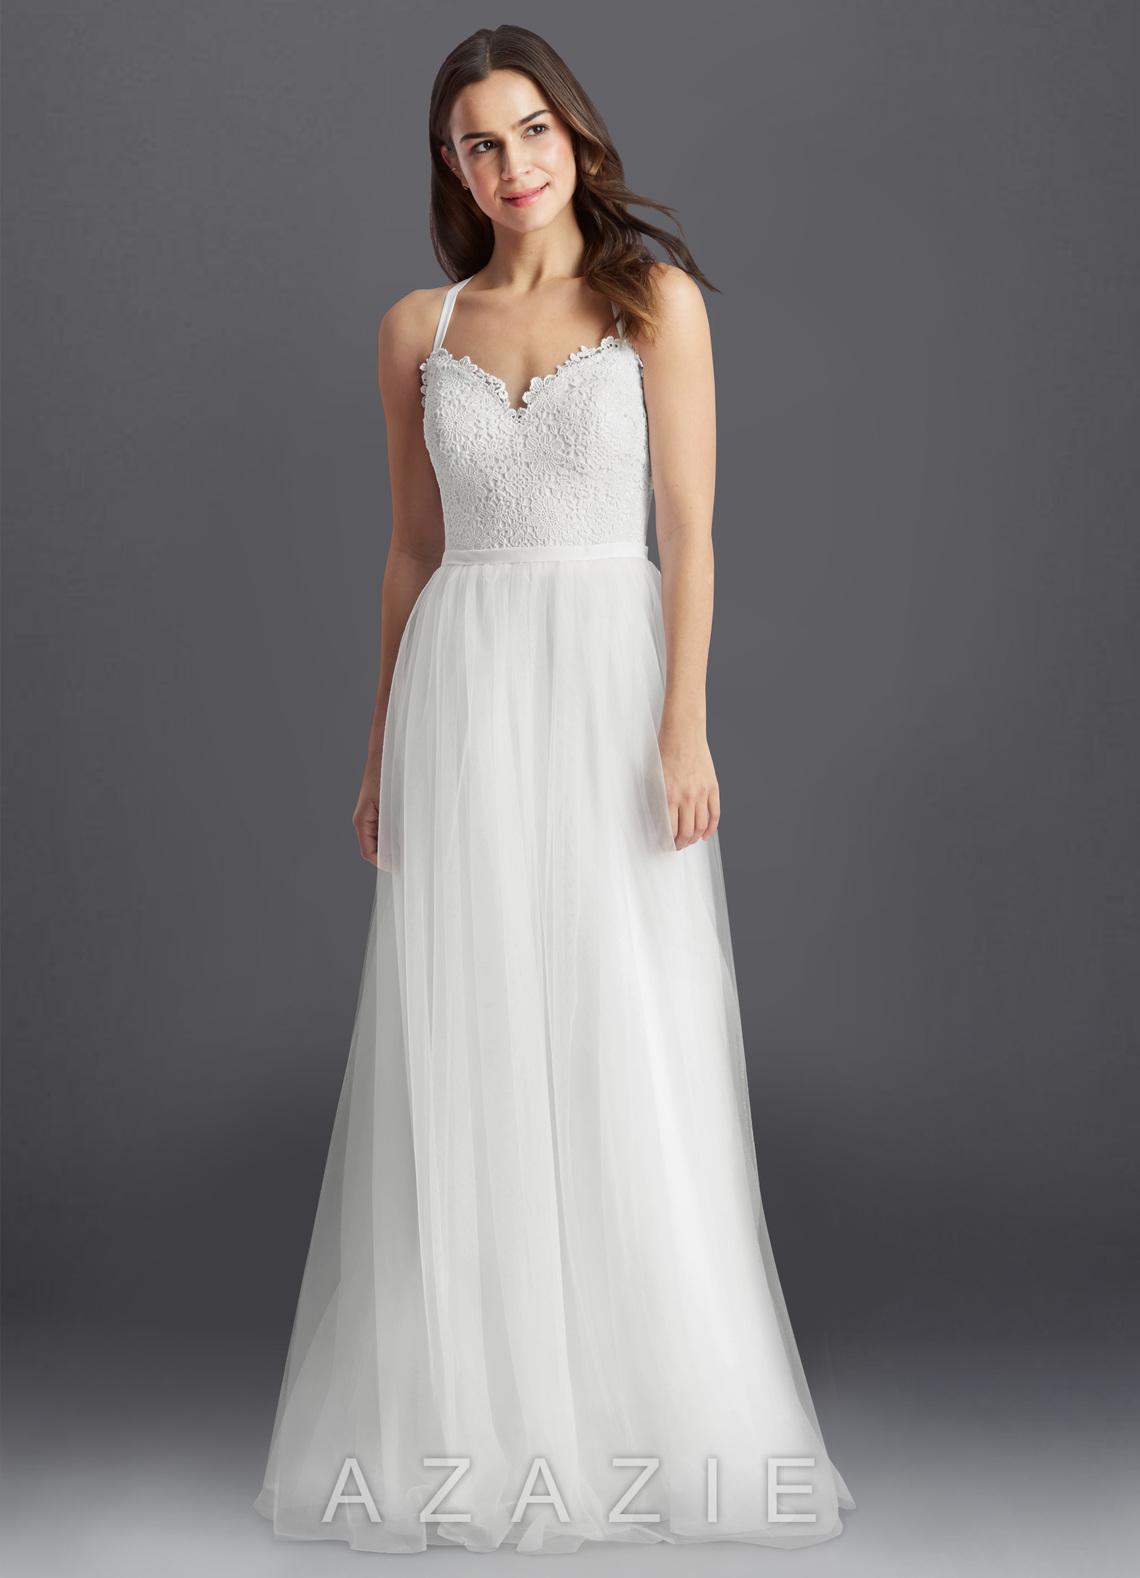 Azazie Addy BG Wedding Dress | Azazie